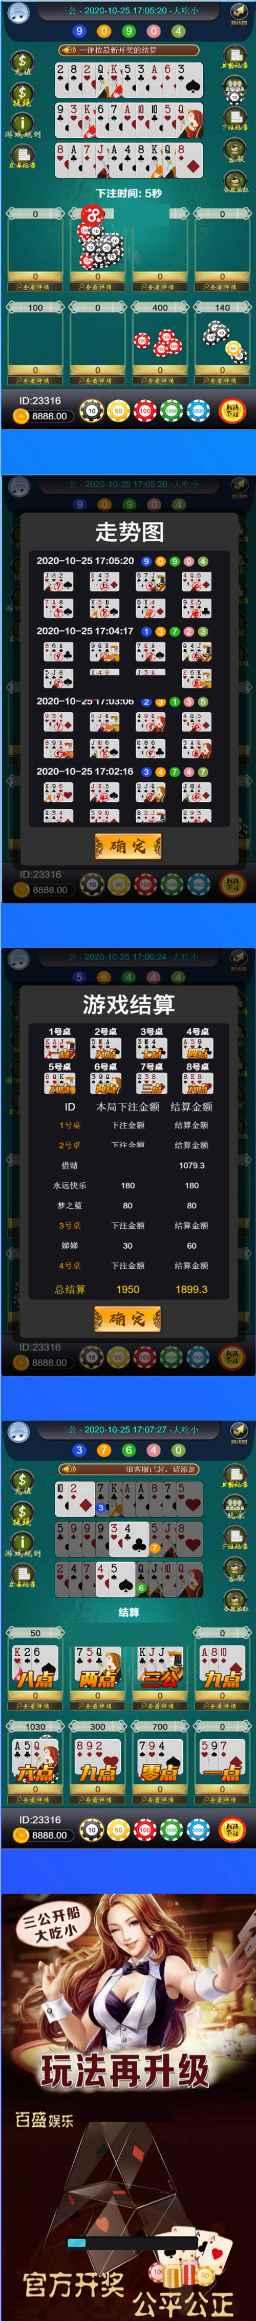 【精品H5源码】独家最新更新俊飞开船三公完整源码组件+完整服务器打包插图